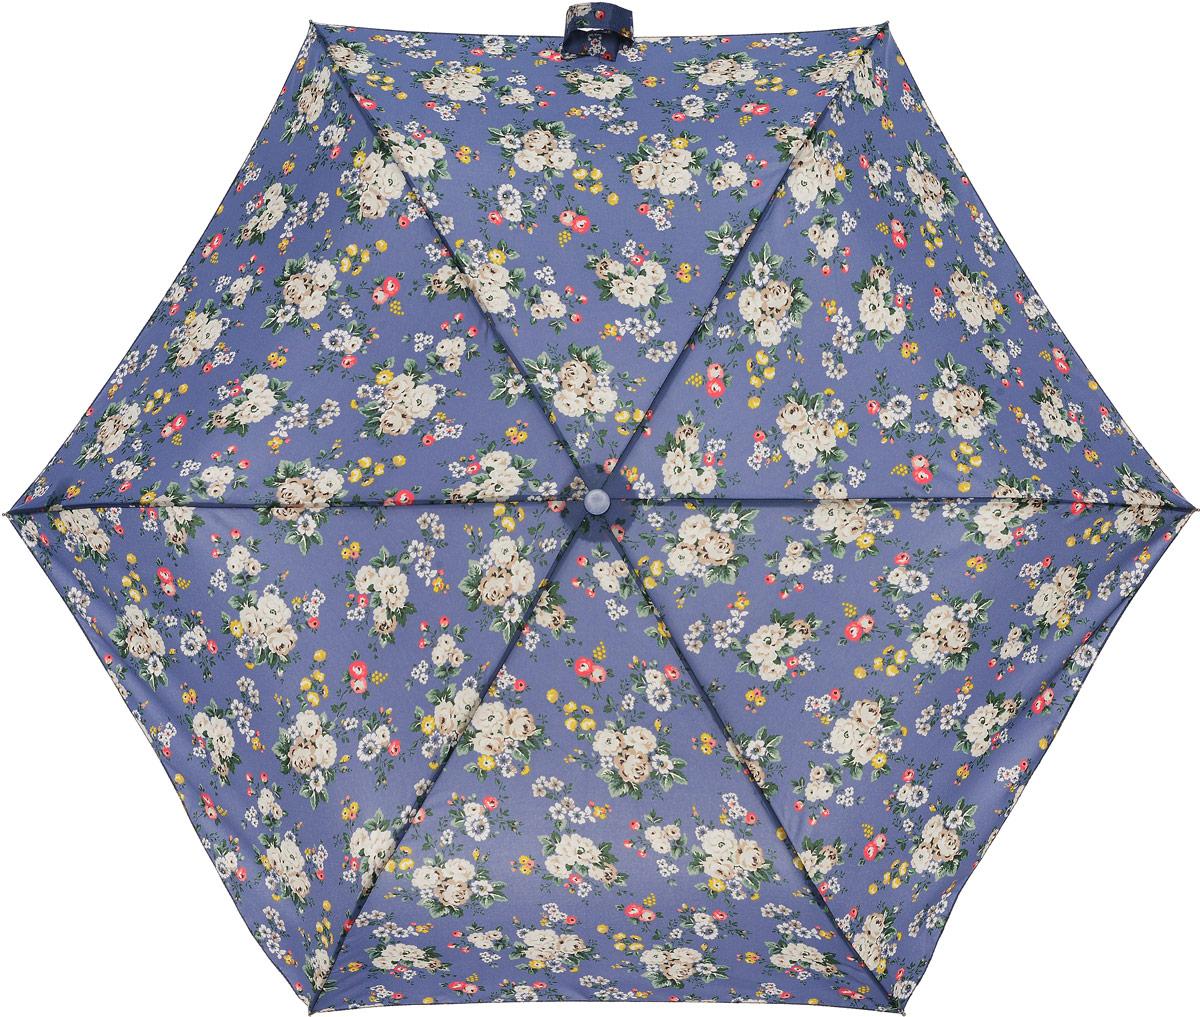 Зонт женский Cath Kidston Minilite, механический, 3 сложения, цвет: сине-фиолетовый, мультиколор. L768-3068REM12-CAM-GREENBLACKСтильный механический зонт Cath Kidston Minilite в 3 сложения даже в ненастную погоду позволит вам оставаться элегантной. Облегченный каркас зонта выполнен из 8 спиц из фибергласса и алюминия, стержень также изготовлен из алюминия, удобная рукоятка - из пластика. Купол зонта выполнен из прочного полиэстера. В закрытом виде застегивается хлястиком на липучке. Яркий оригинальный цветочный принт поднимет настроение в дождливый день.Зонт механического сложения: купол открывается и закрывается вручную до характерного щелчка.На рукоятке для удобства есть небольшой шнурок, позволяющий надеть зонт на руку тогда, когда это будет необходимо. К зонту прилагается чехол с небольшой нашивкой с названием бренда. Такой зонт компактно располагается в кармане, сумочке, дверке автомобиля.